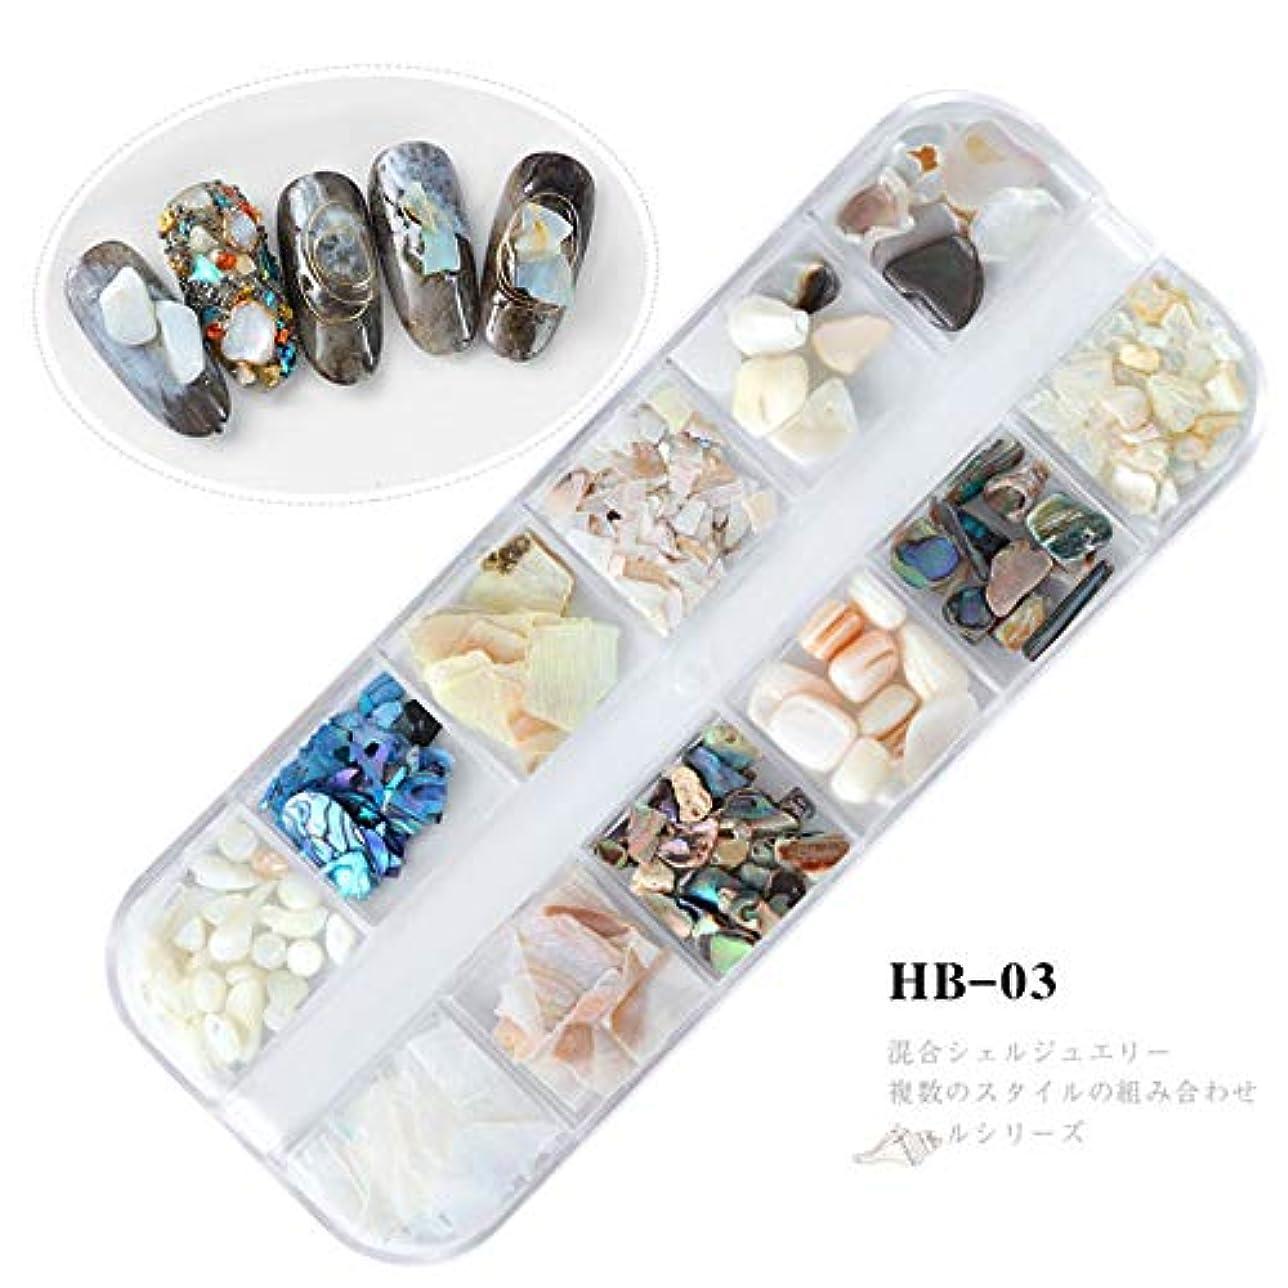 アウターボタン知る1箱ミックス自然の海シェルアワビのスライスグラデーション砕石3Dネイルアートの装飾UVジェルデザインマニキュアアクセサリー,3